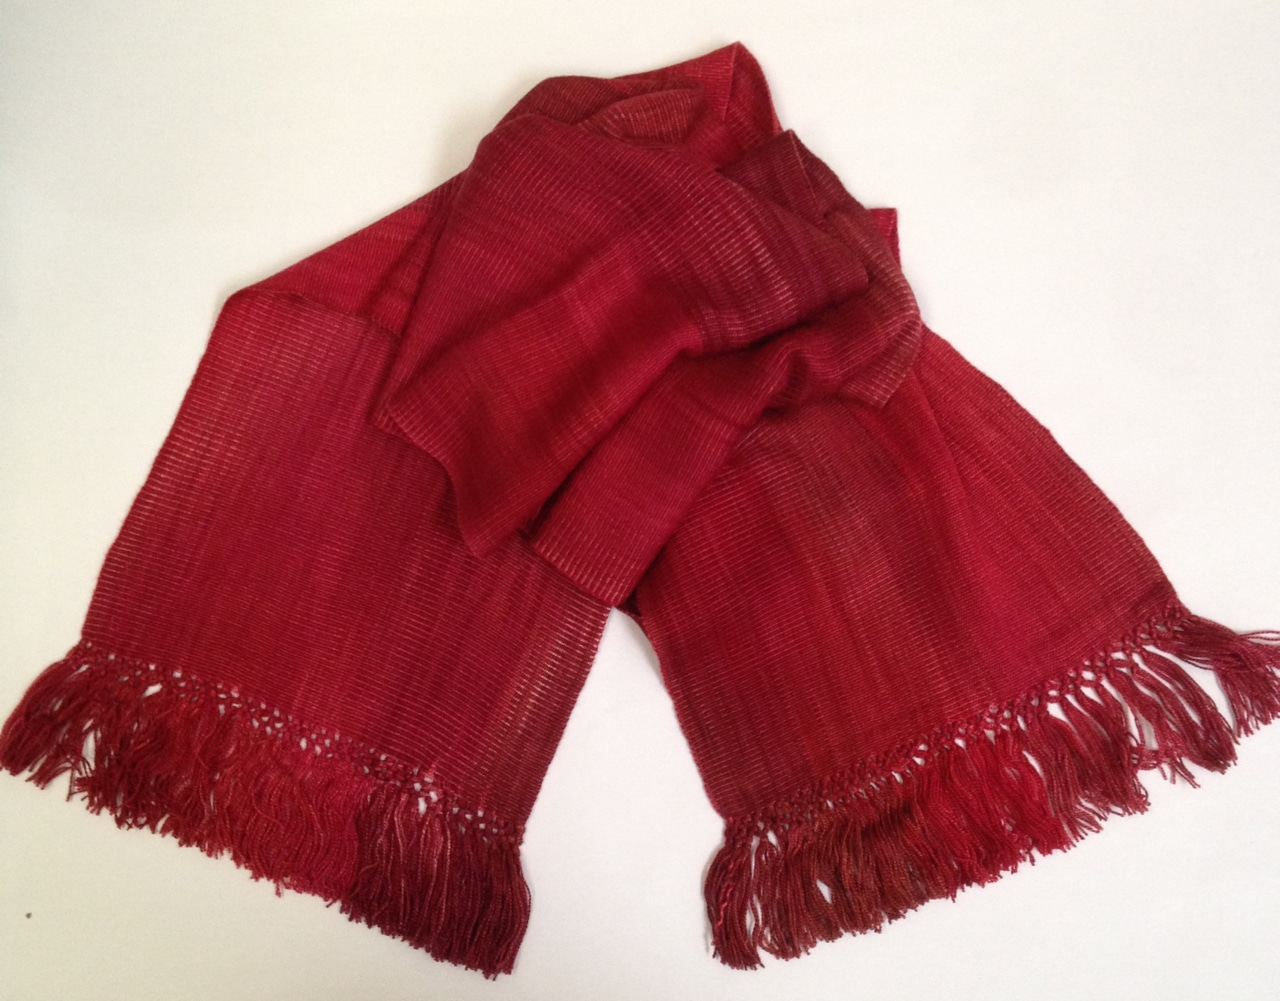 Reds - Lightweight Bamboo Handwoven Scarf 8